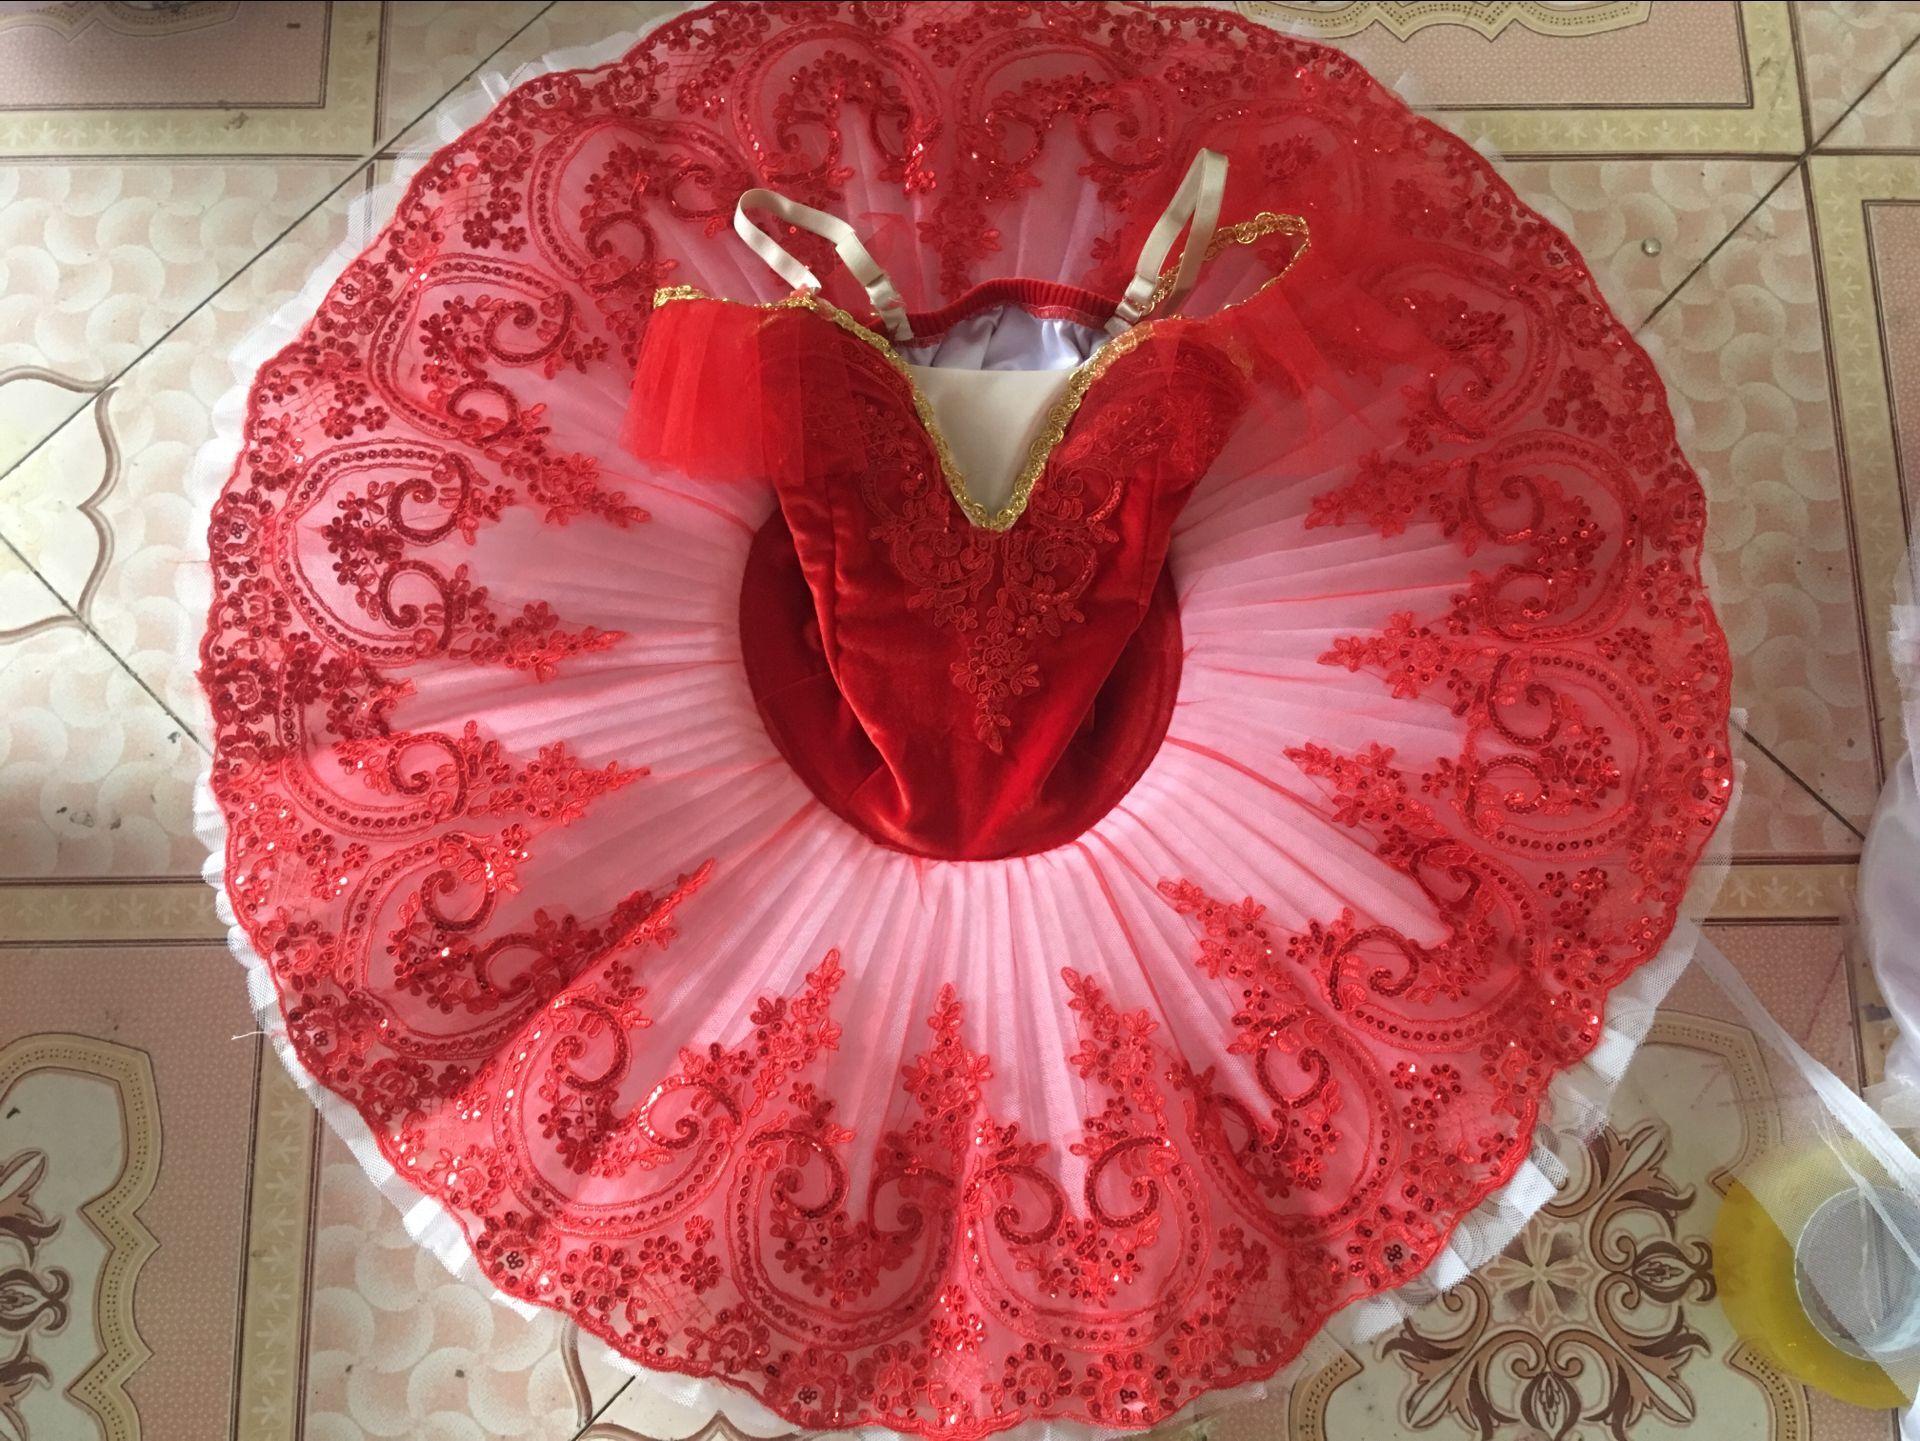 Giselle Tutu paillettes adulte lac des cygnes Ballet danse Costume pour filles femmes crêpe Tutu enfant patinage ballerine robe B-6565